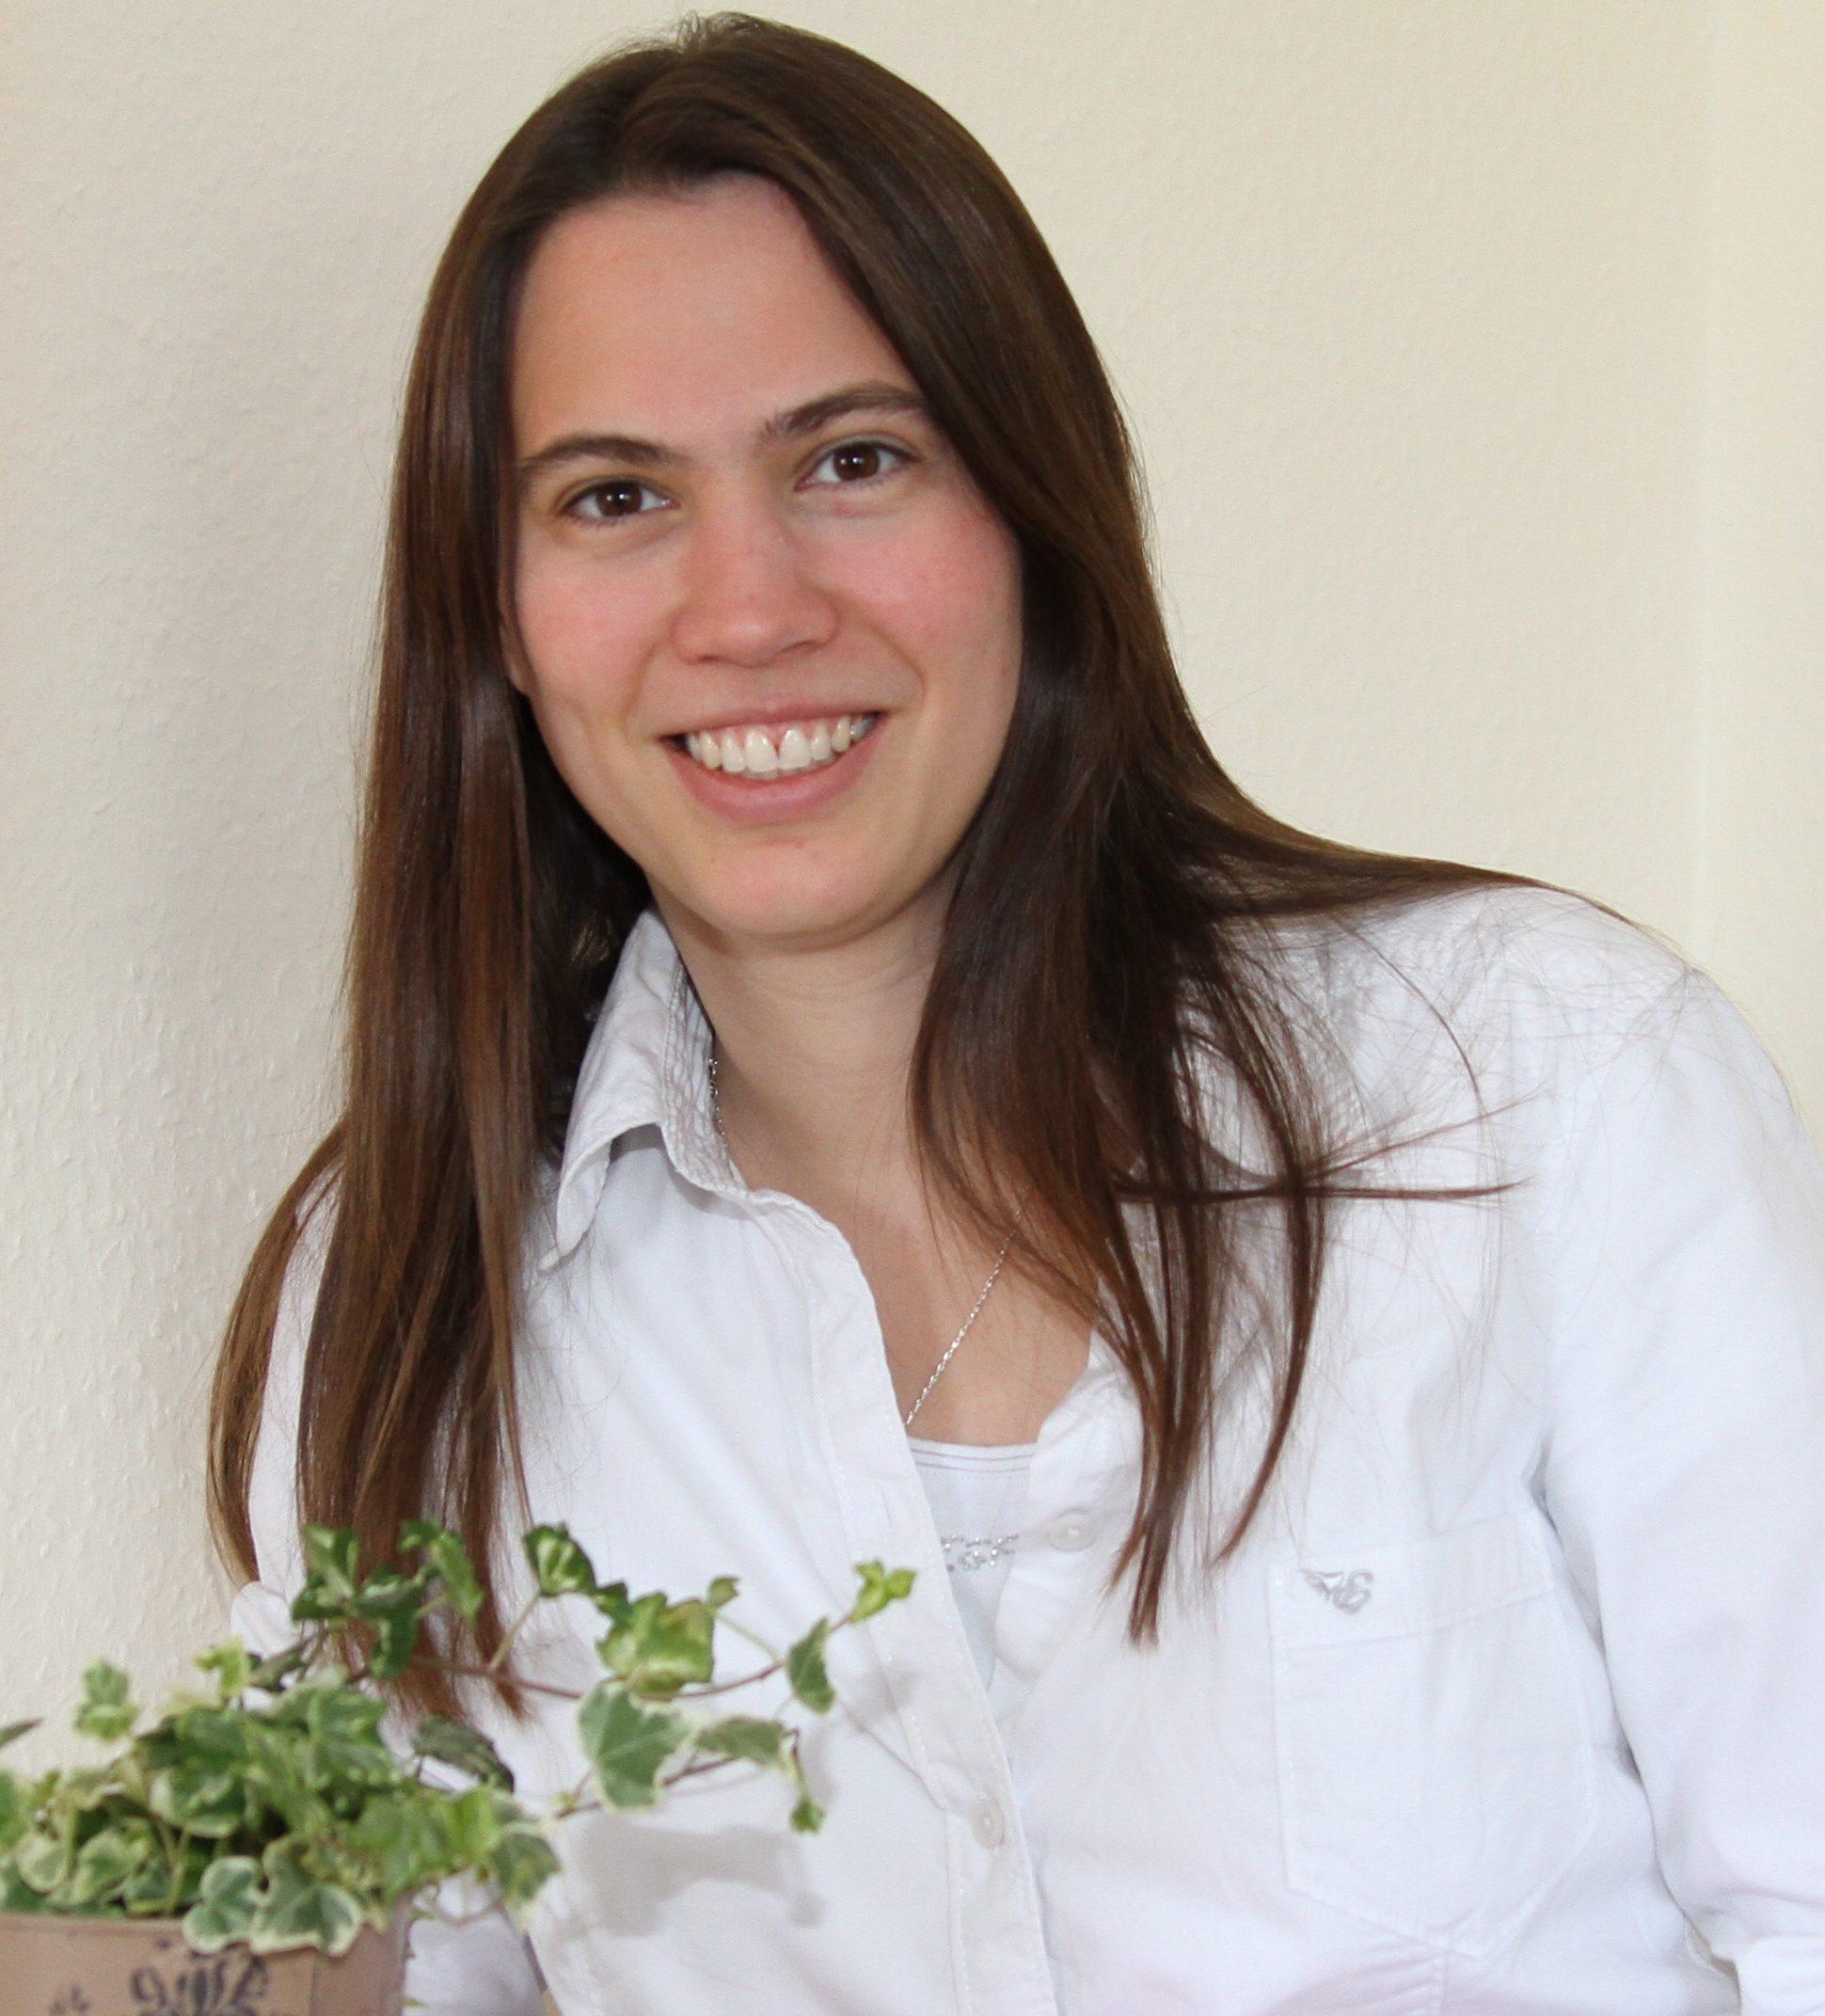 Katia Bernhardt